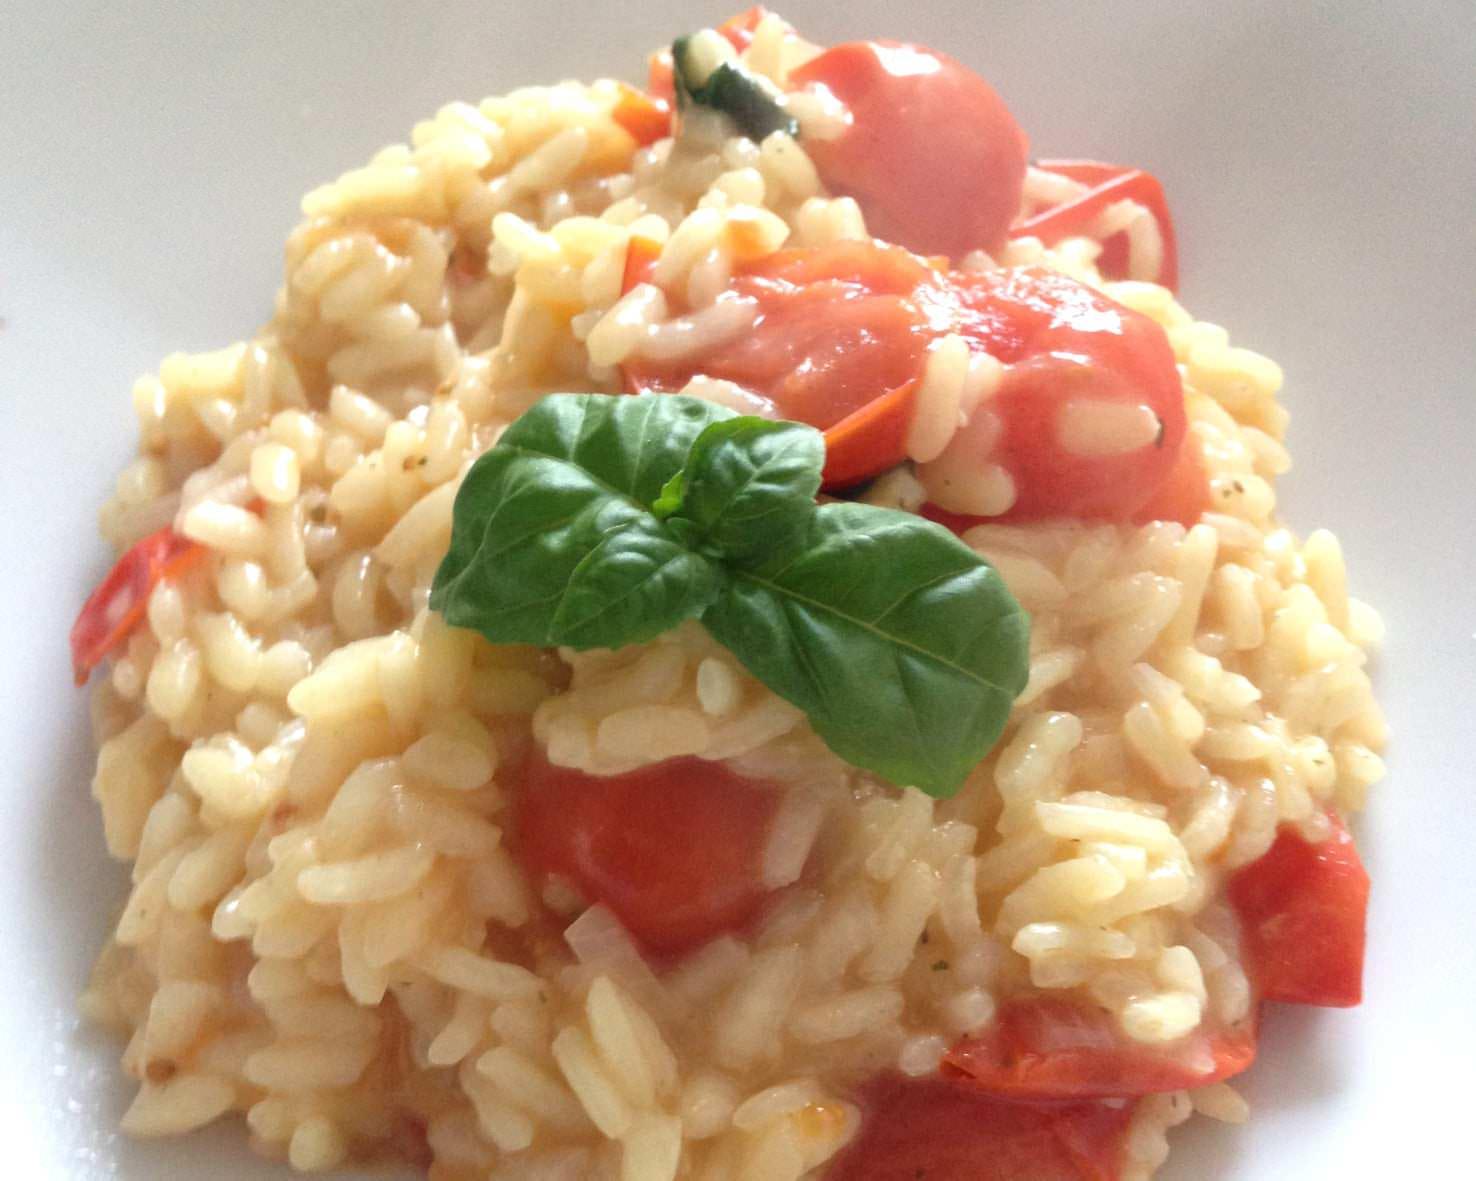 rezept der woche risotto mit tomaten und basilikum lifestylelove. Black Bedroom Furniture Sets. Home Design Ideas